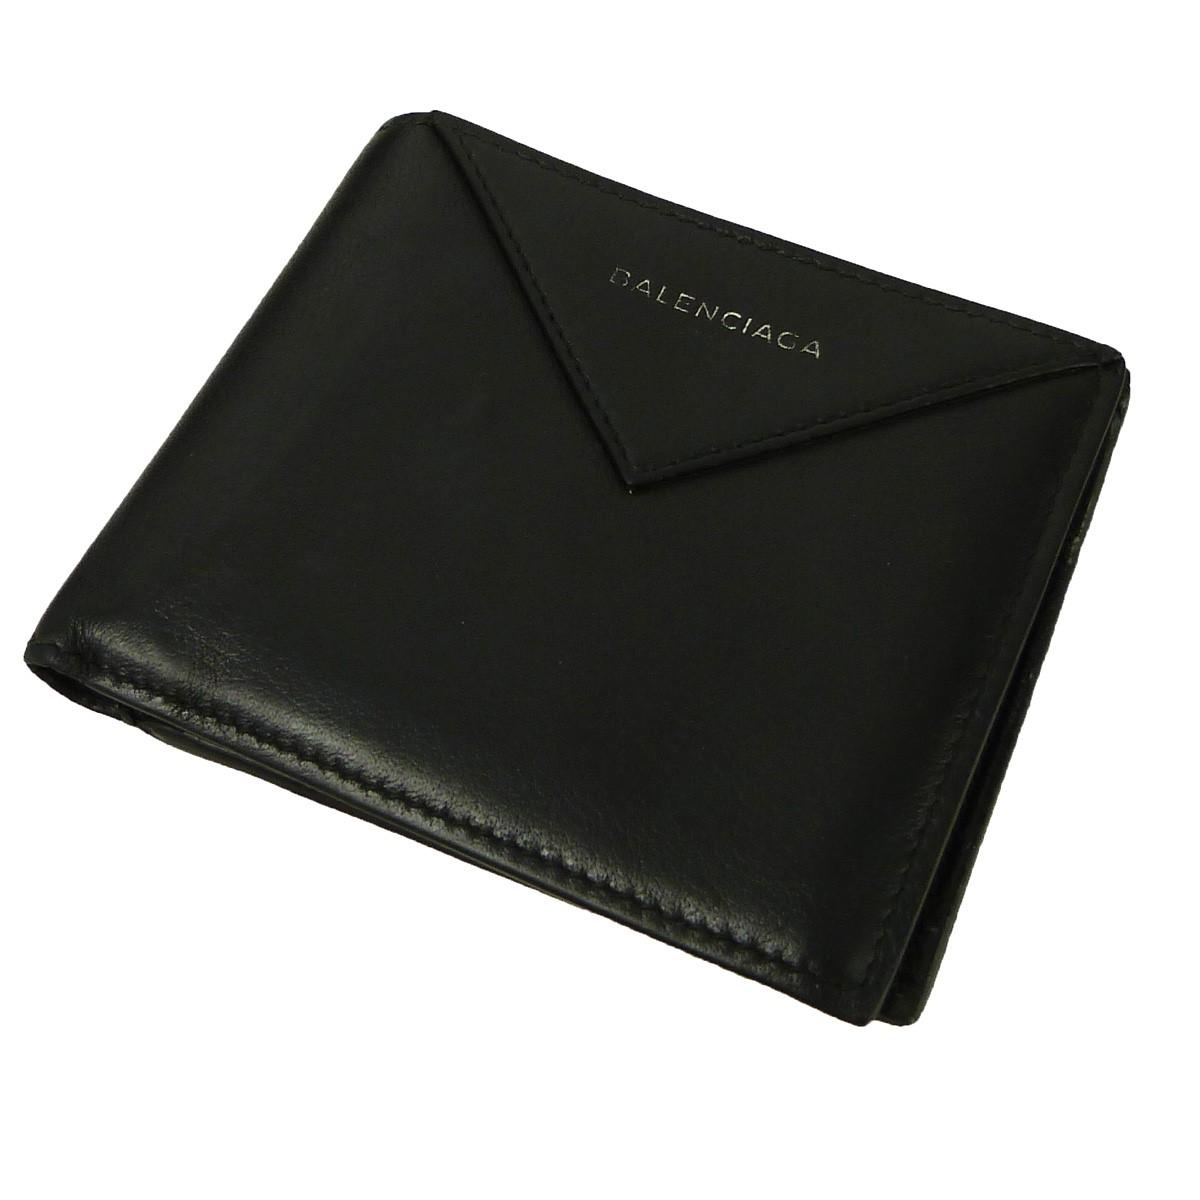 【中古】BALENCIAGA ペーパースクエアコインウォレット 2つ折り財布 ブラック サイズ:- 【280919】(バレンシアガ)